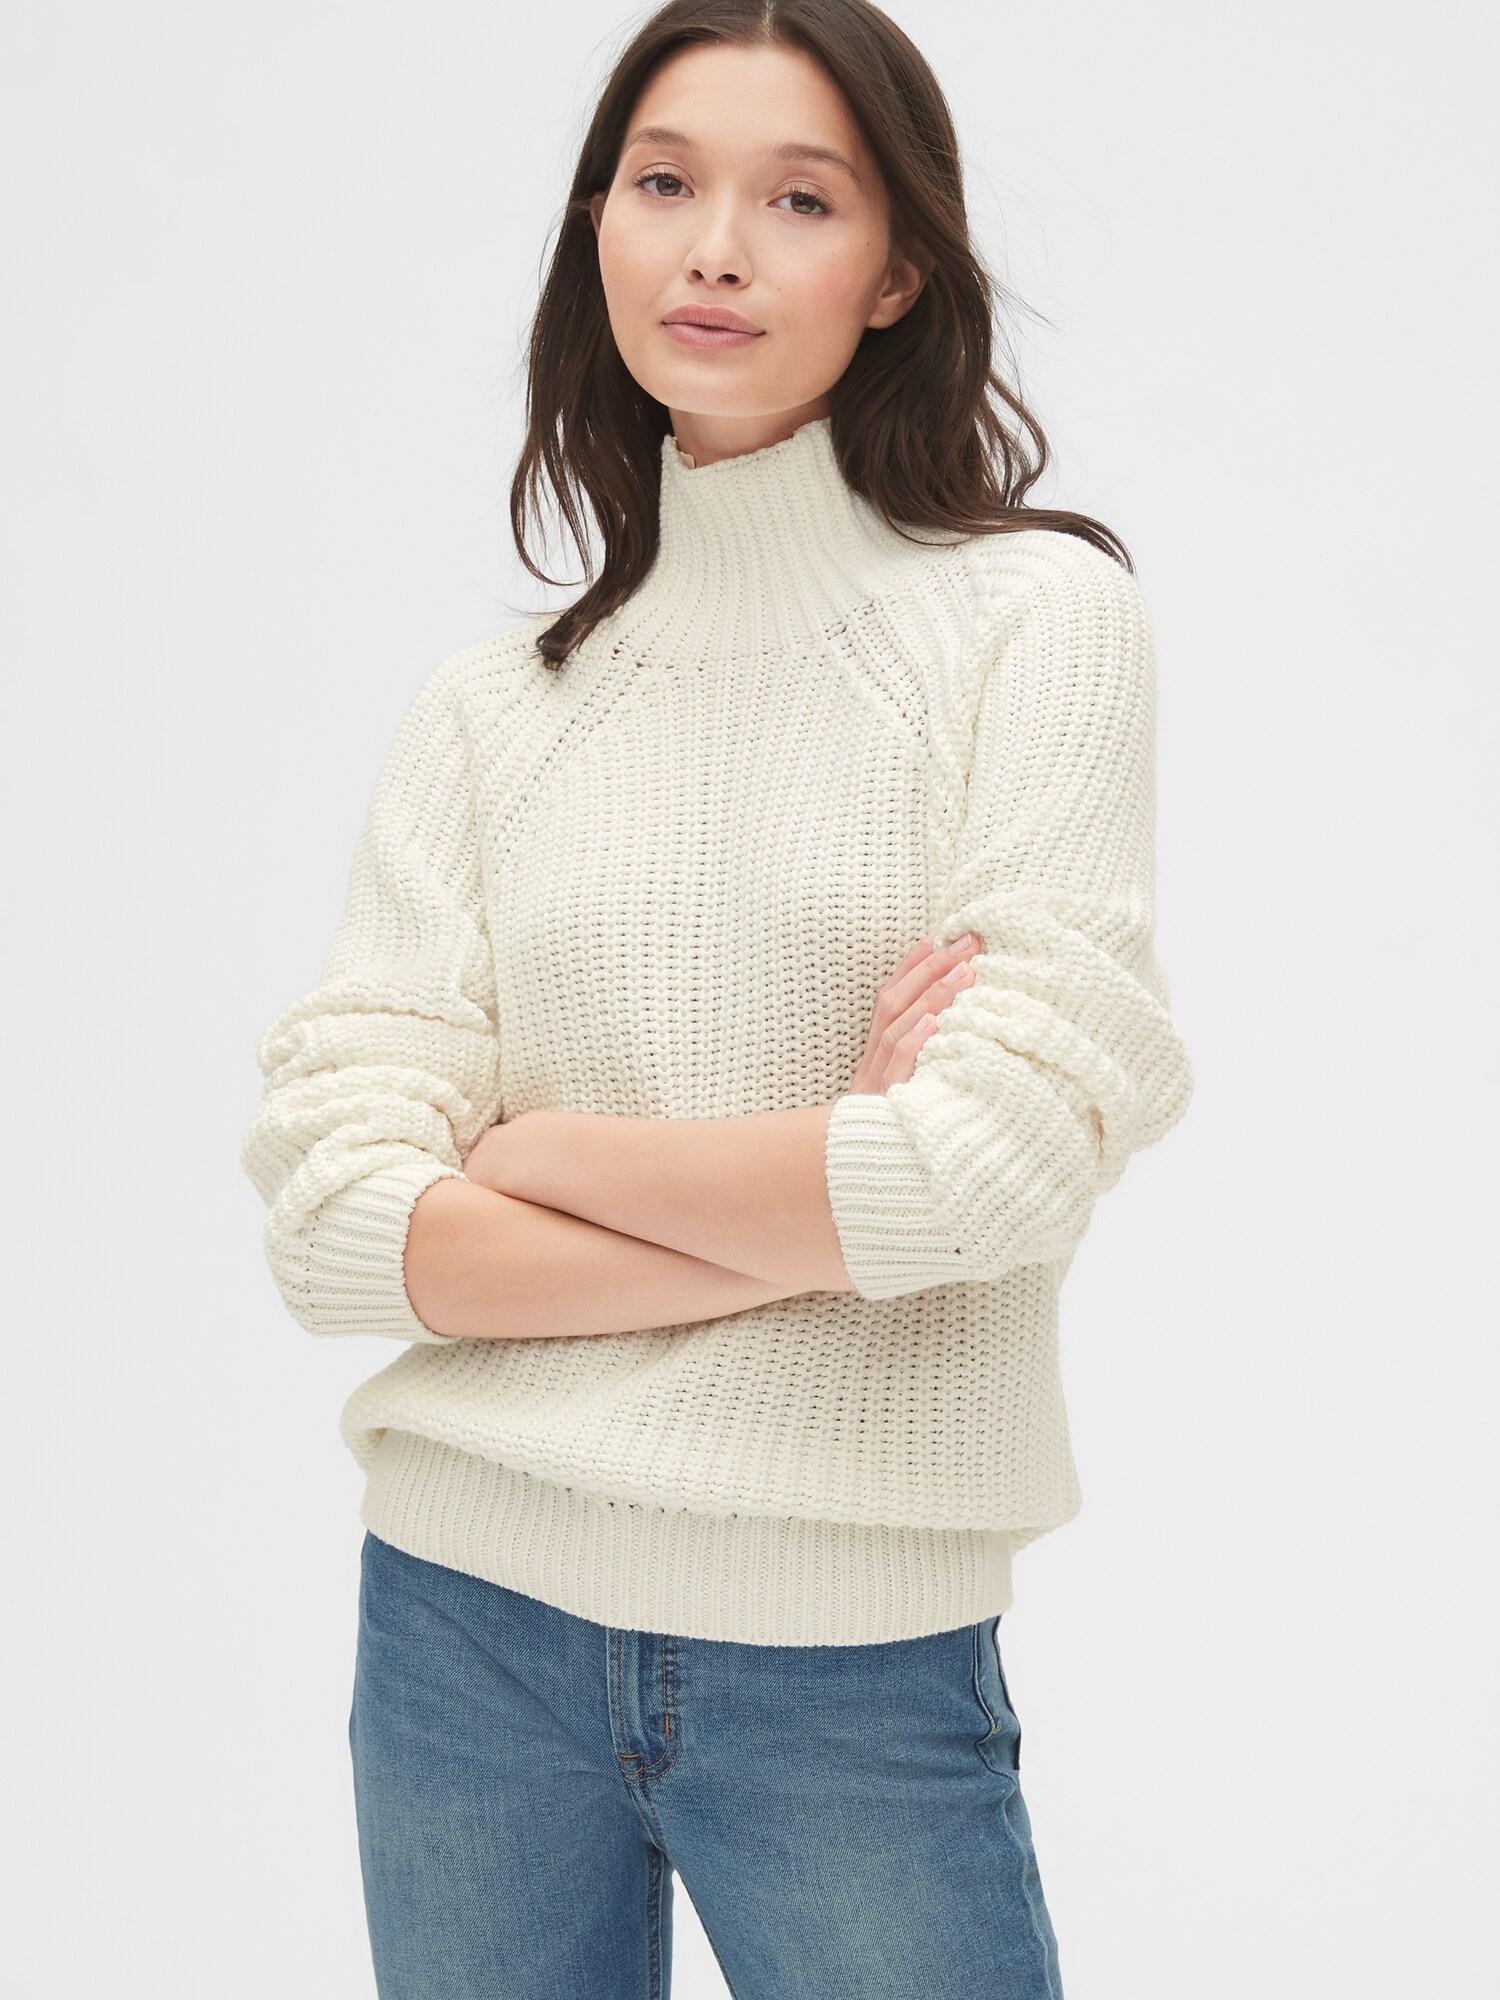 シェーカーステッチタートルネックセーター